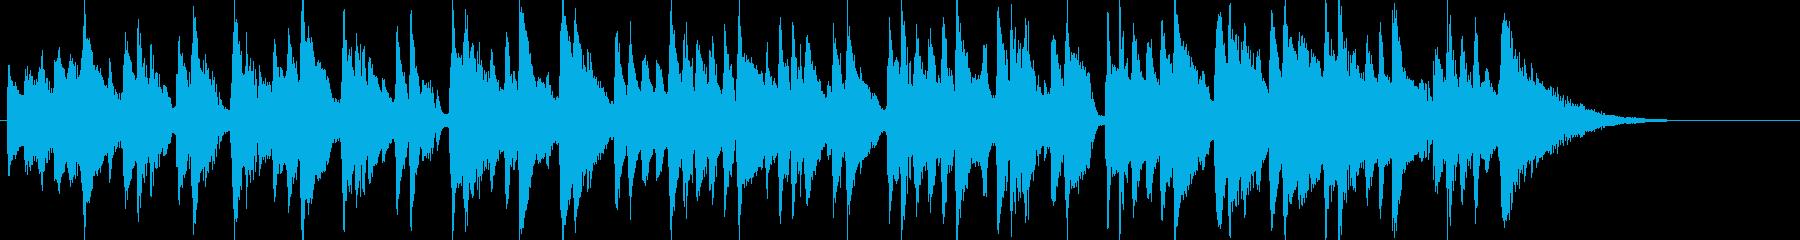 ボサノバ調のおちついた曲の再生済みの波形